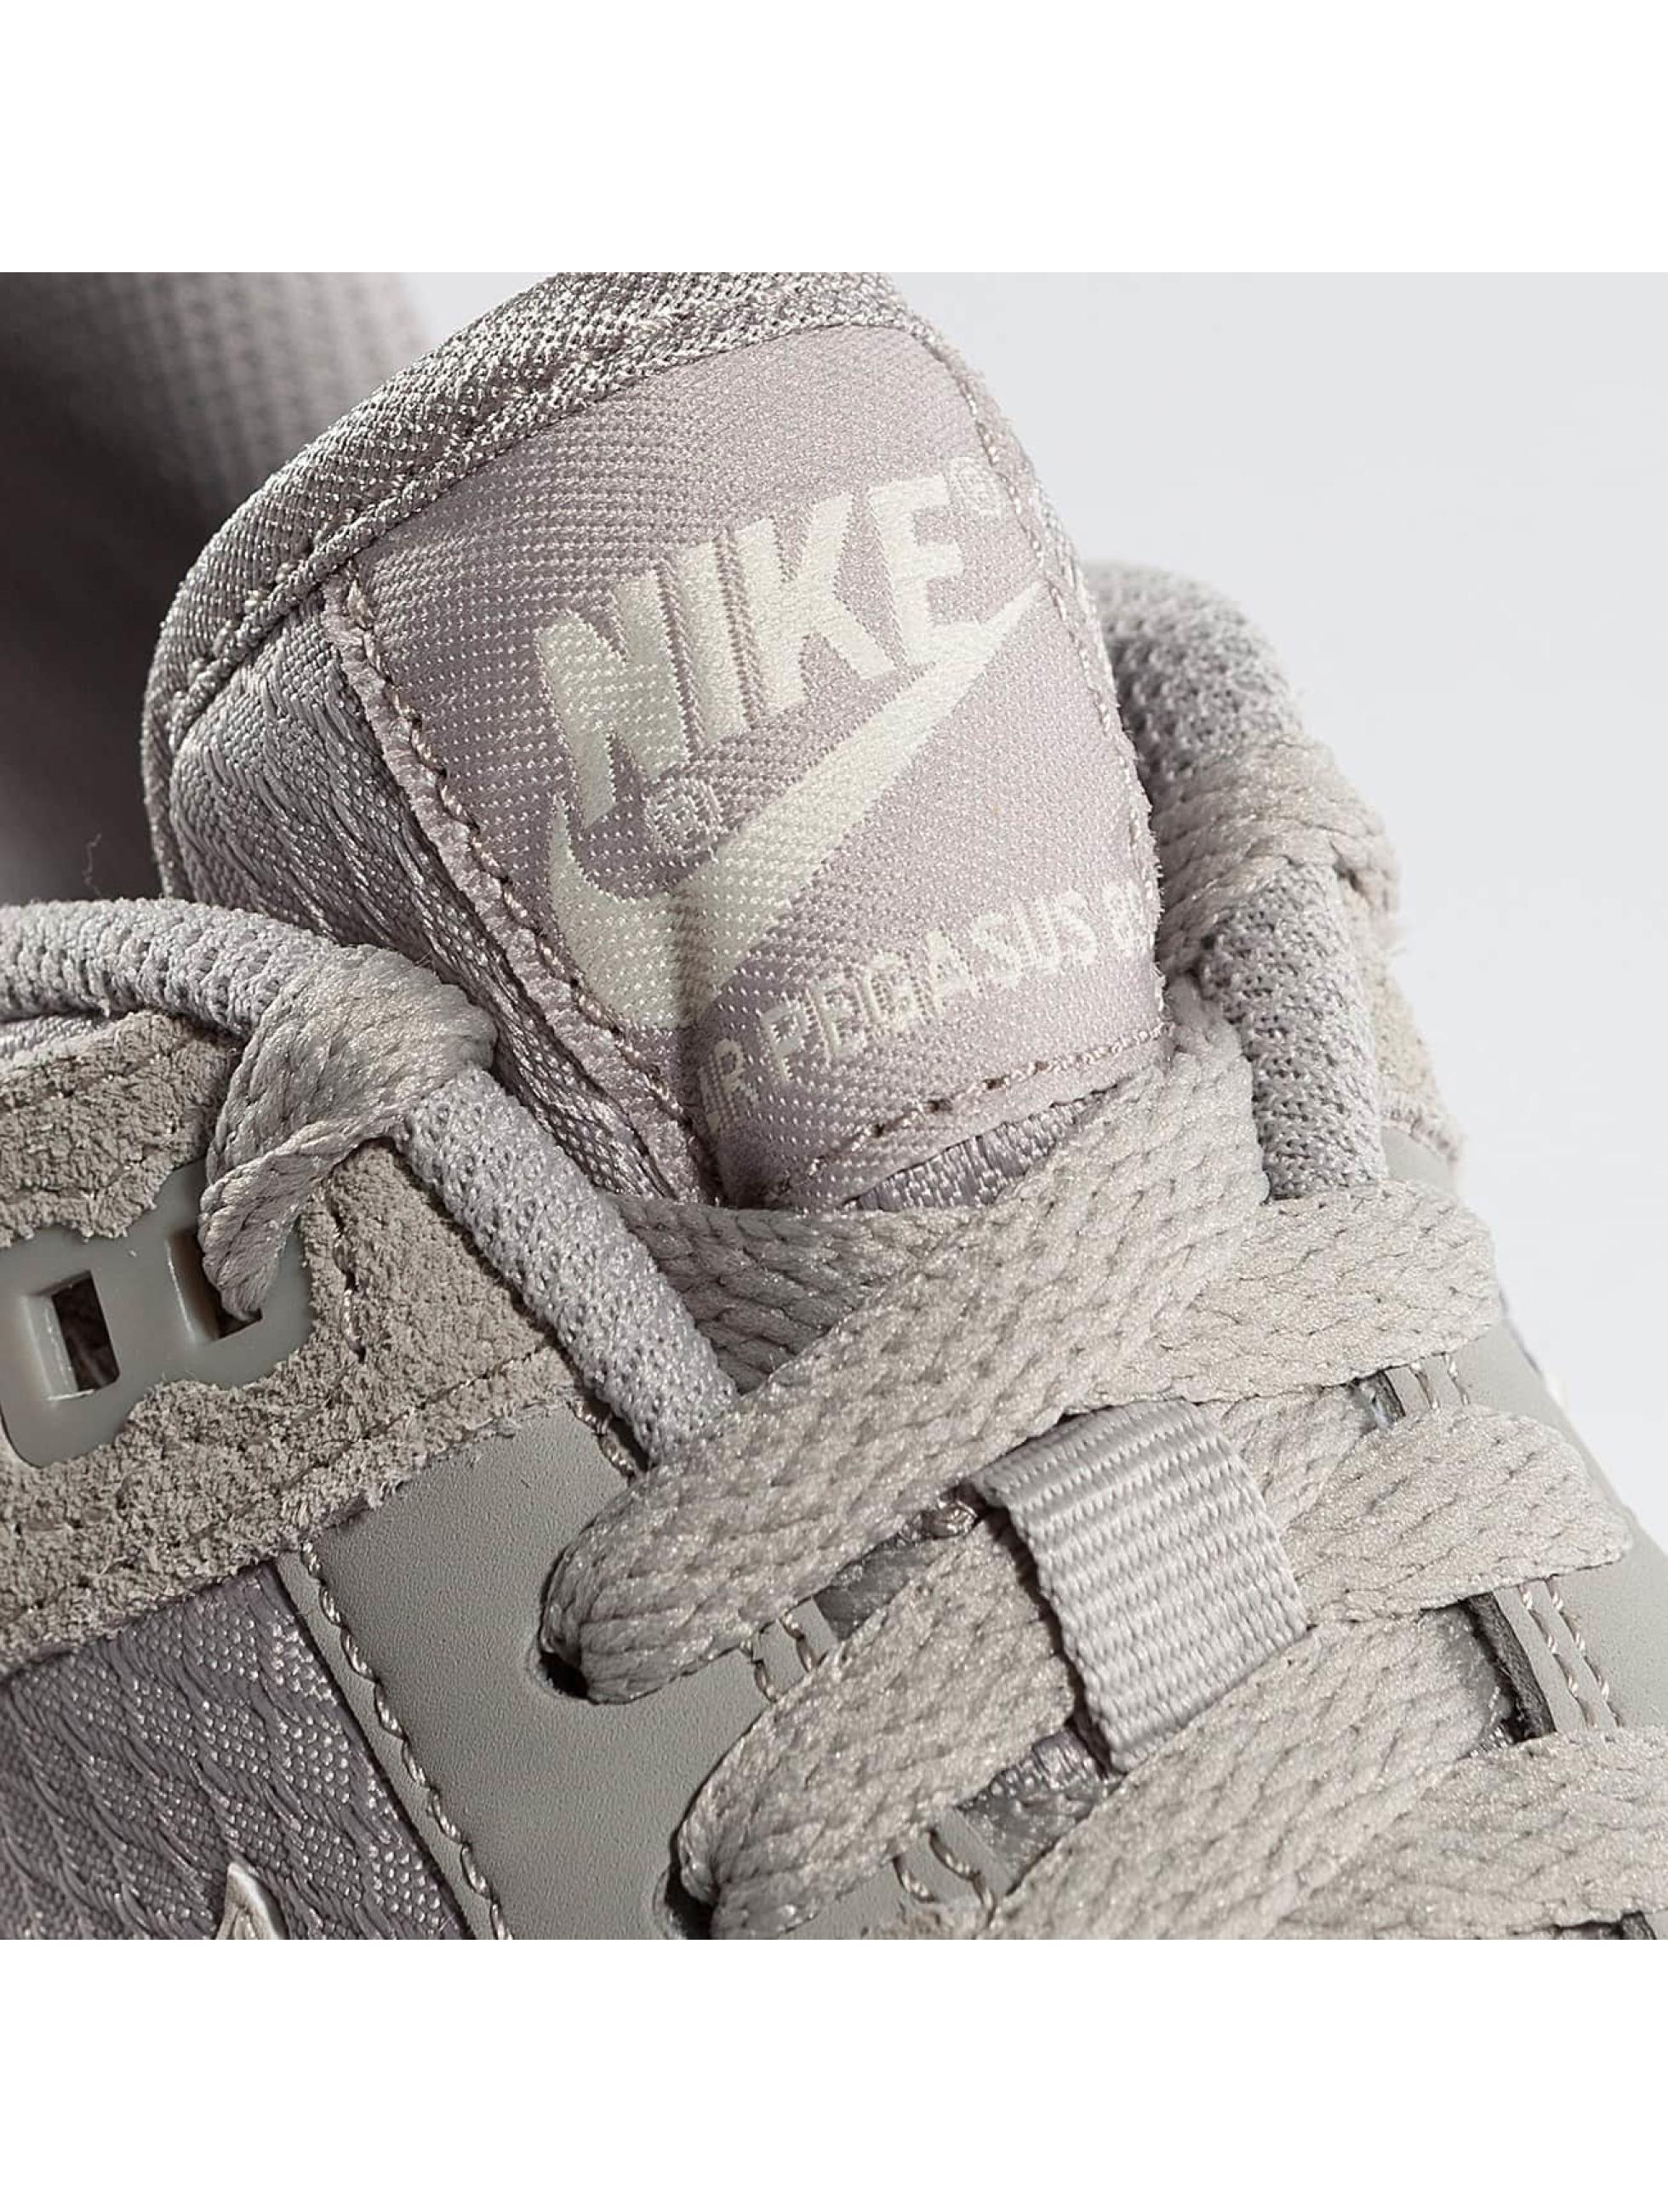 Nike Tøysko WMNS Air Pegasus '89 grå